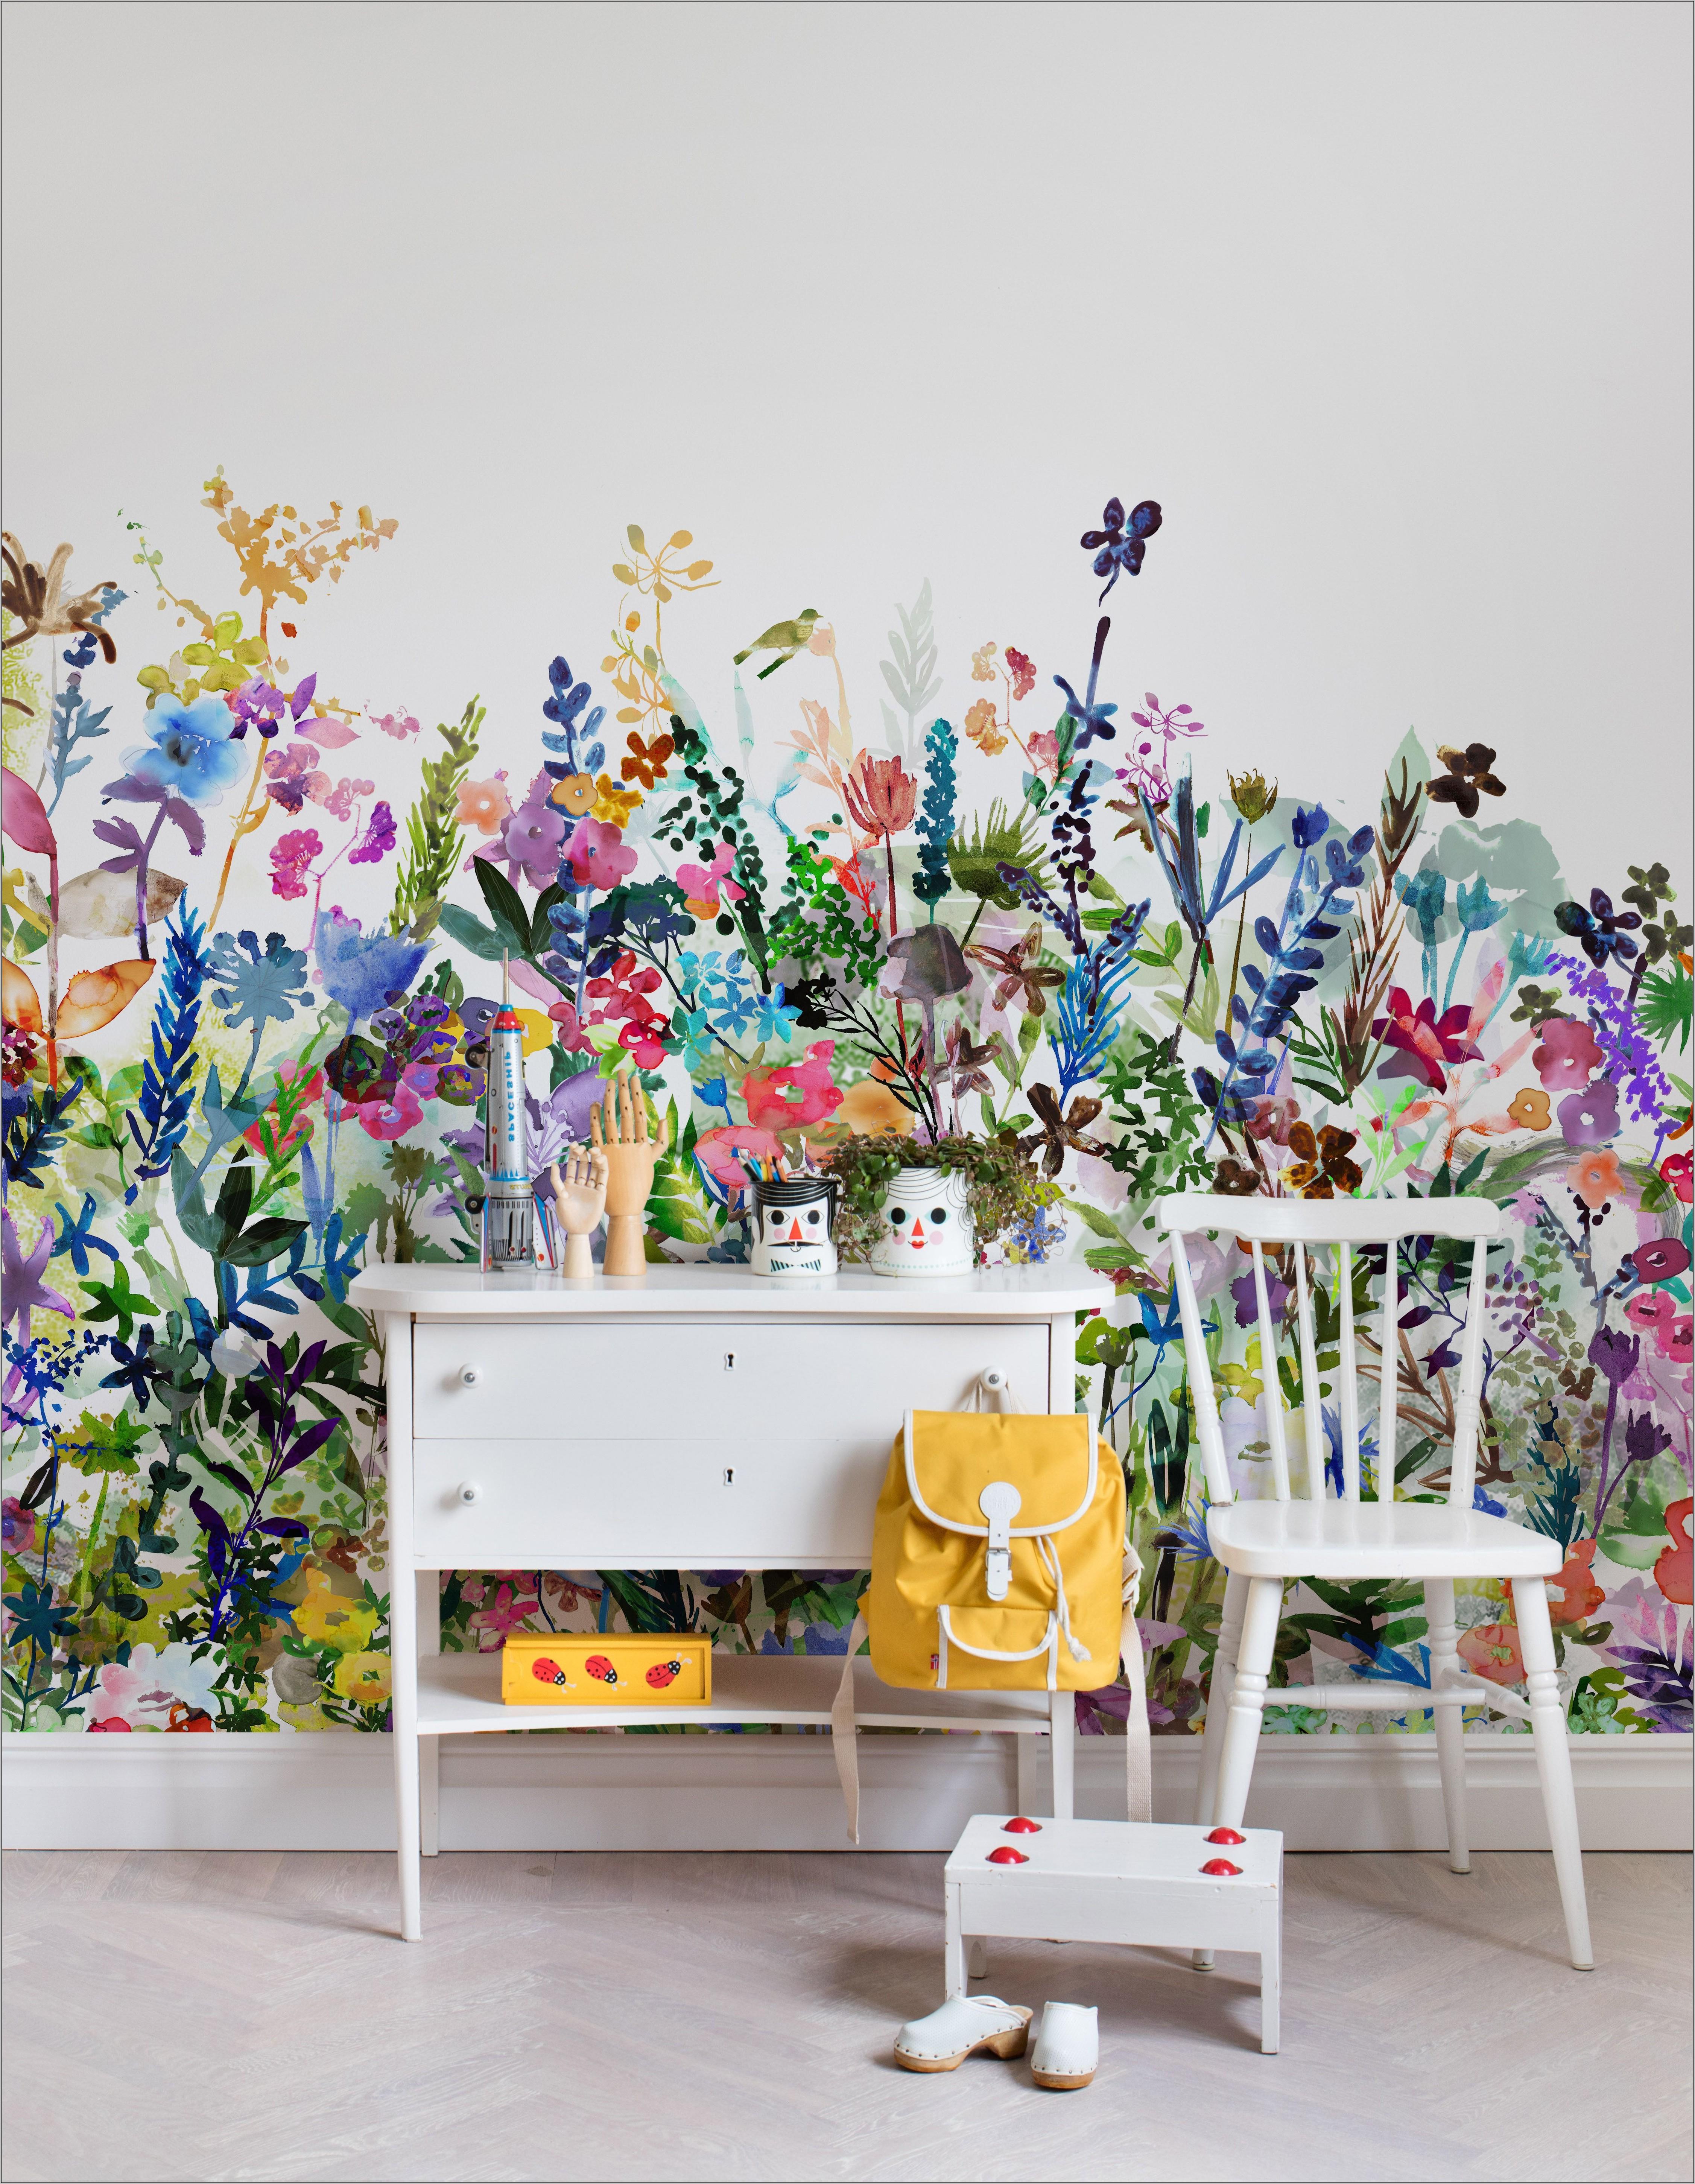 Tapete Kinderzimmer Blumen